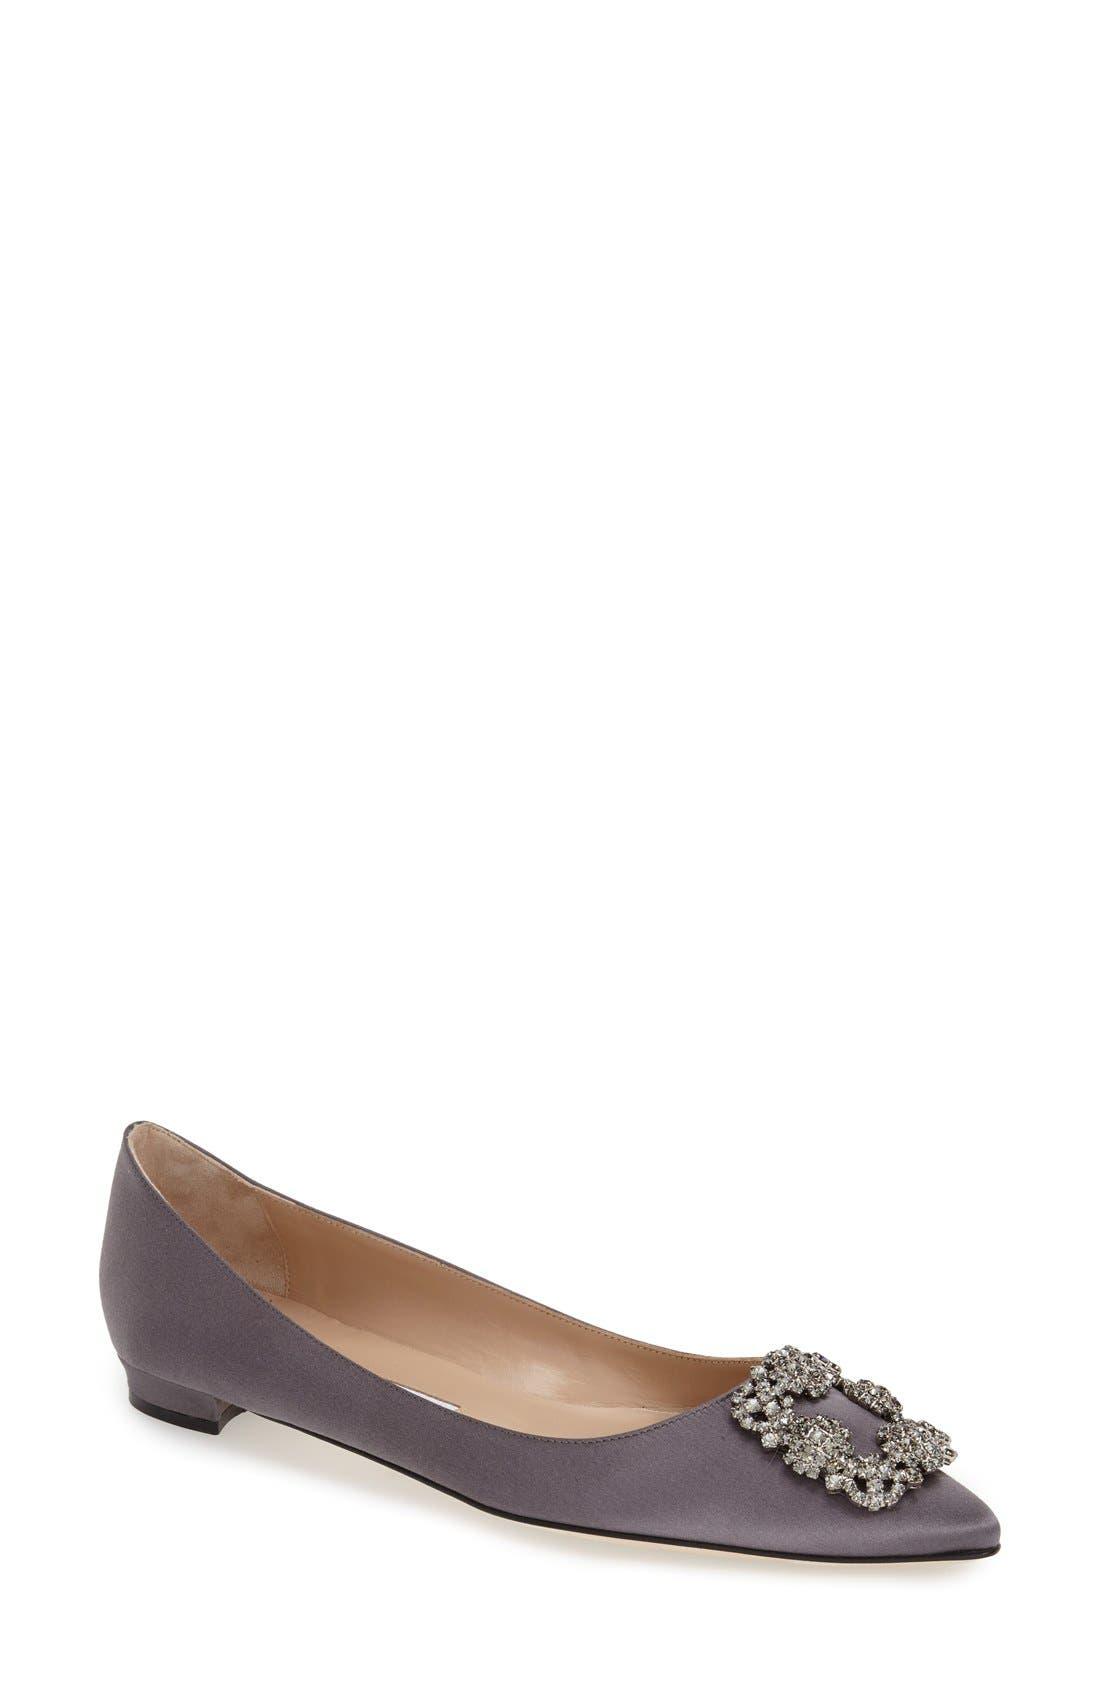 991873a67351 Women s Flats Wedding Shoes